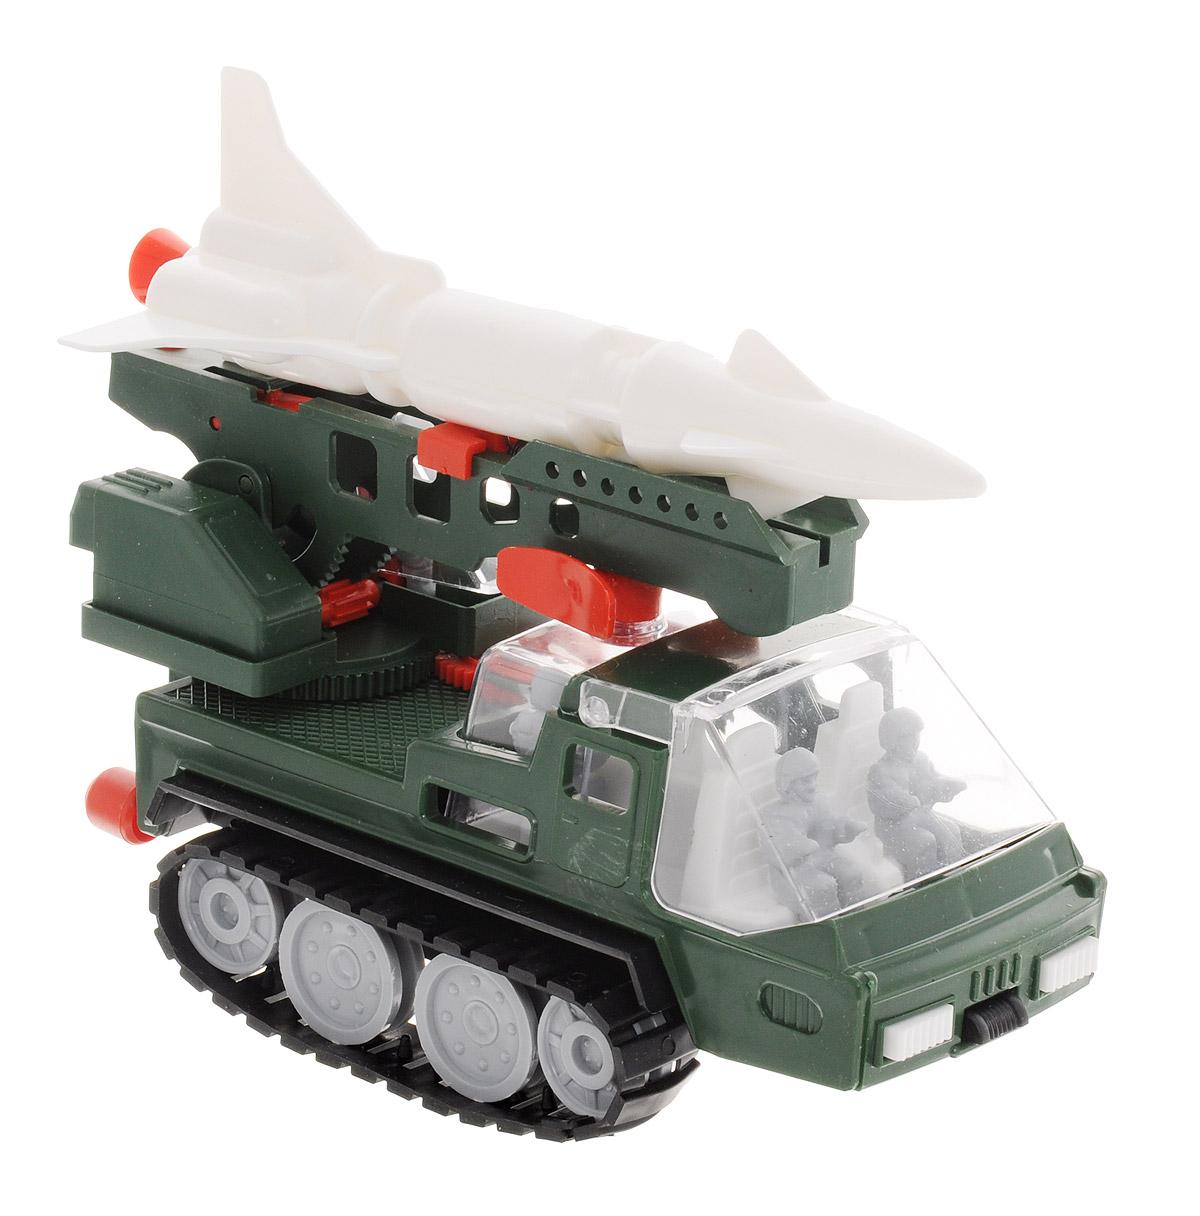 Форма Ракетовоз АрктикаС-22-ФРакетовоз Арктика от компании Форма - это замечательная игрушка для маленьких любителей машинок. Игрушка представляет собой ракетную установку с пятью фигурками на гусеничном ходу. Гусеницы свободно вращаются. Стрела ракетовоза поворачивается и поднимается. Стрела имеет пусковой механизм на пружине, с помощью которого можно запускать ракету (в комплекте). Стекло кабины ракетовоза и башни поднимается. Машинка подойдет для сюжетно-ролевой игры. Такой машинкой можно играть как дома, так и на улице.